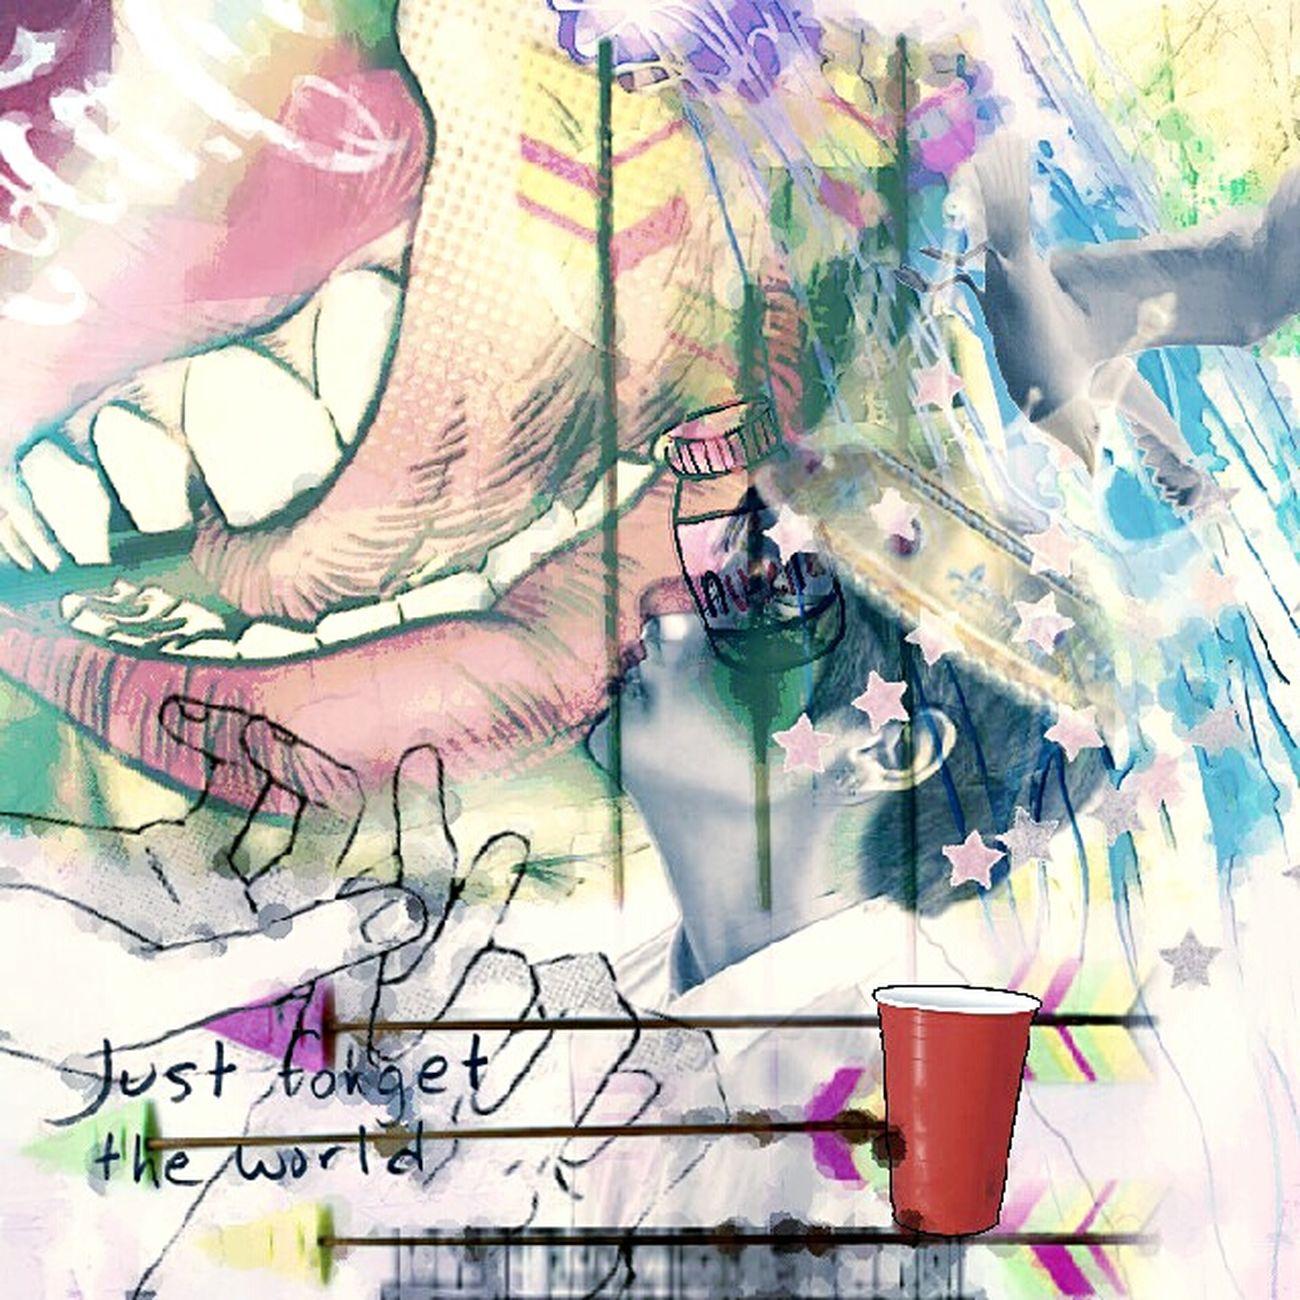 Drink Now ça Sent Le Monstre Room 237 Comme La Mort C'est Normal Delicious Sold Your Adventure Rafraichissant Freshness Homma Bulla Dont Forget To Smile. Your Beautiful❤⚓ Quand Le Ciel Devient Rouge Le Soleil Devient Froid Dès Le Départ Faut Que Tu Comprennes Du Producteur Au Consommateur Multi Colored Miro And Co Human Representation Colors Of Life Ant Hill France Light And Shadow First Prize Triple Mac et glou et glou et glou✔